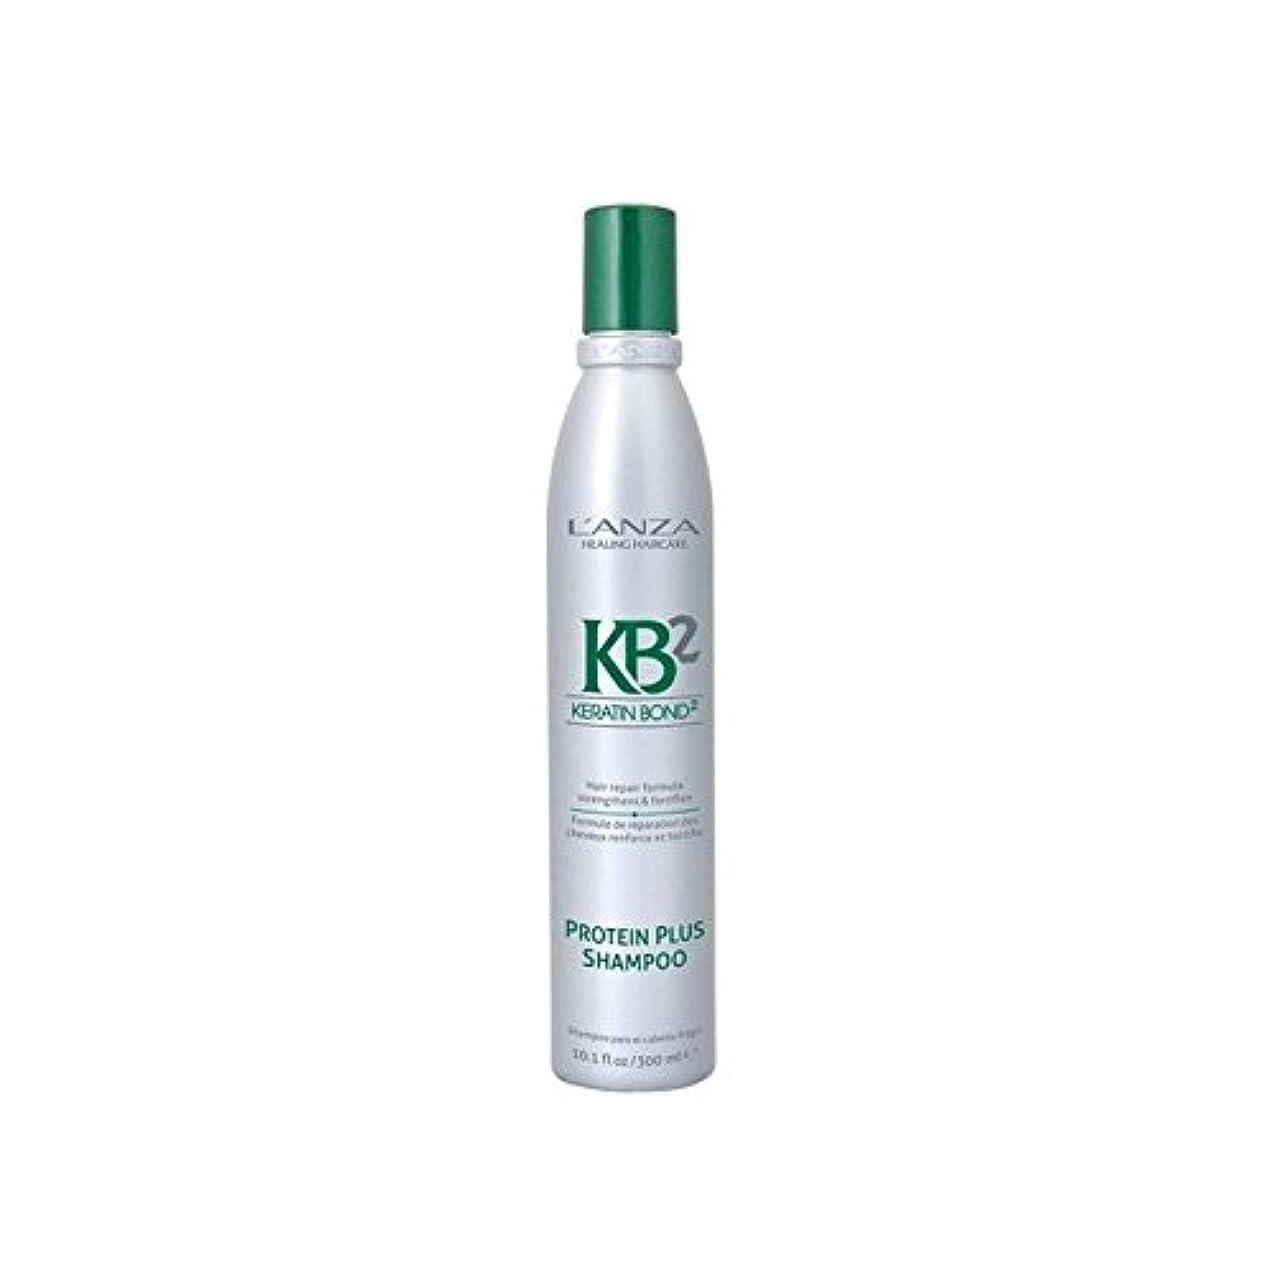 解釈的ギター季節L'Anza Kb2 Protein Plus Shampoo (300ml) (Pack of 6) - アンザ2タンパク質プラスシャンプー(300ミリリットル) x6 [並行輸入品]